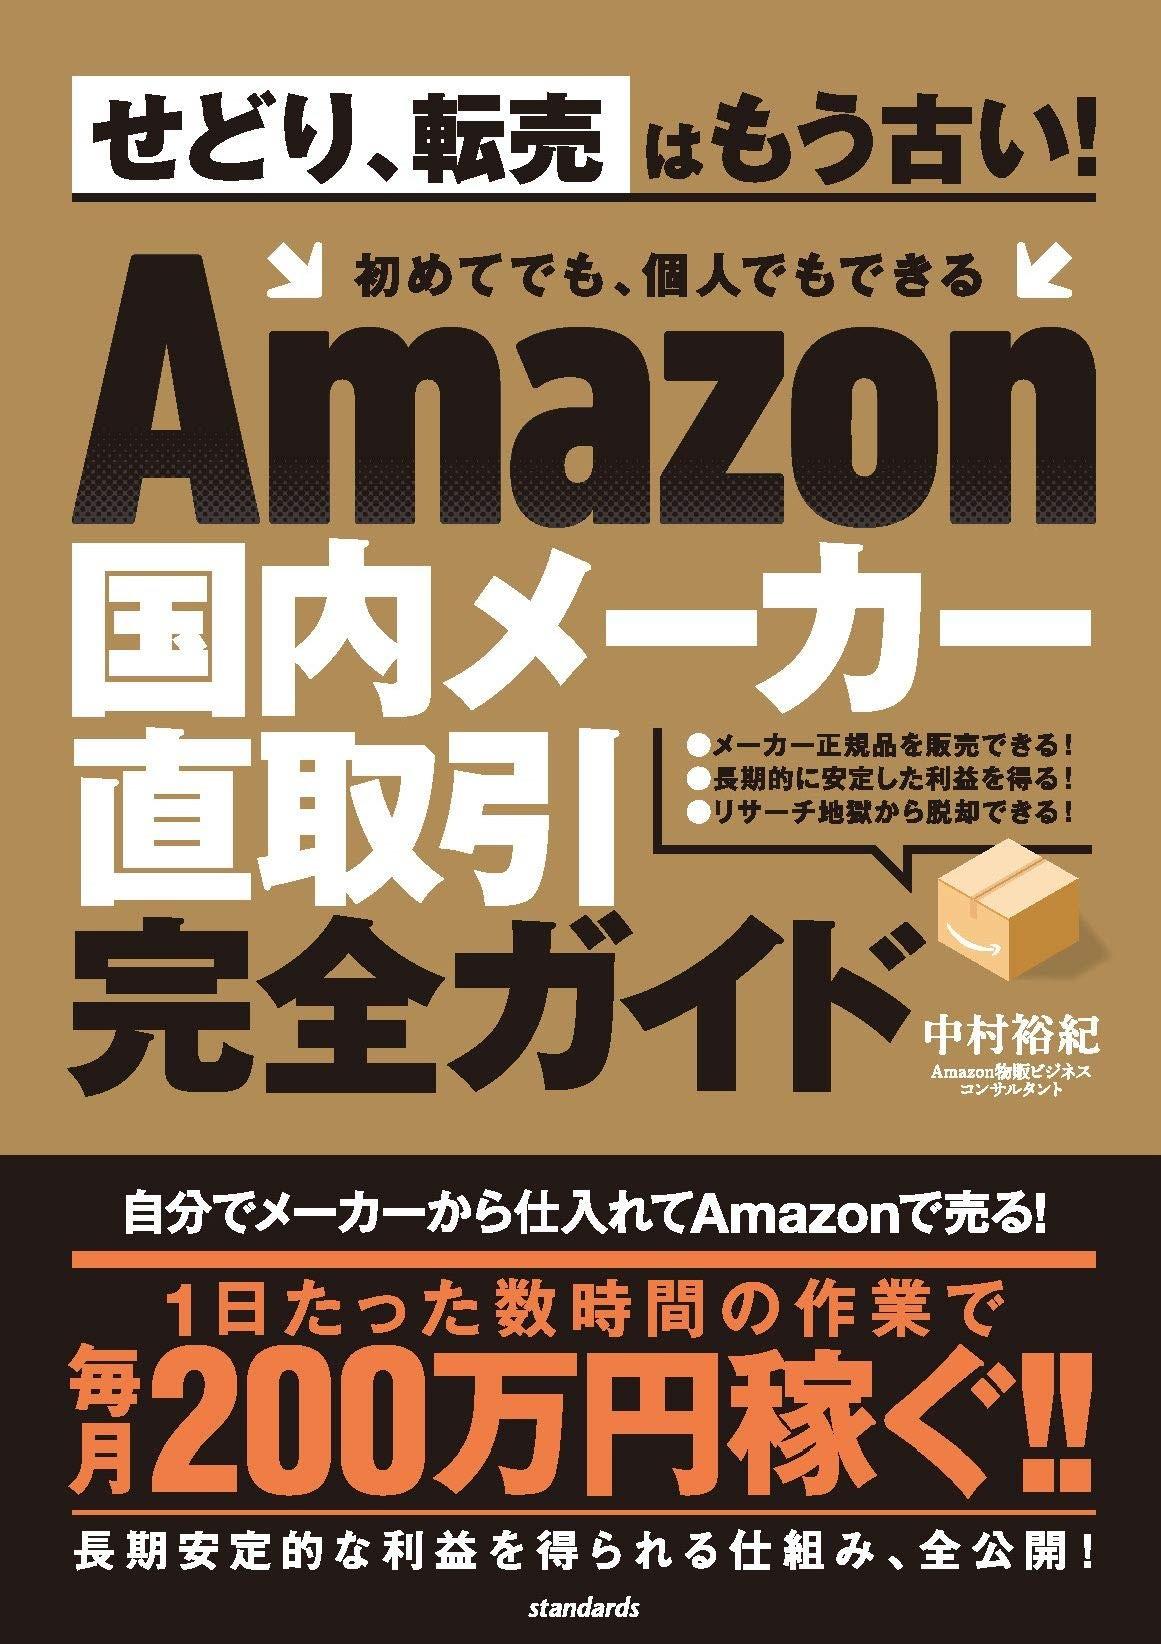 Amazon国内メーカー直取引完全ガイド